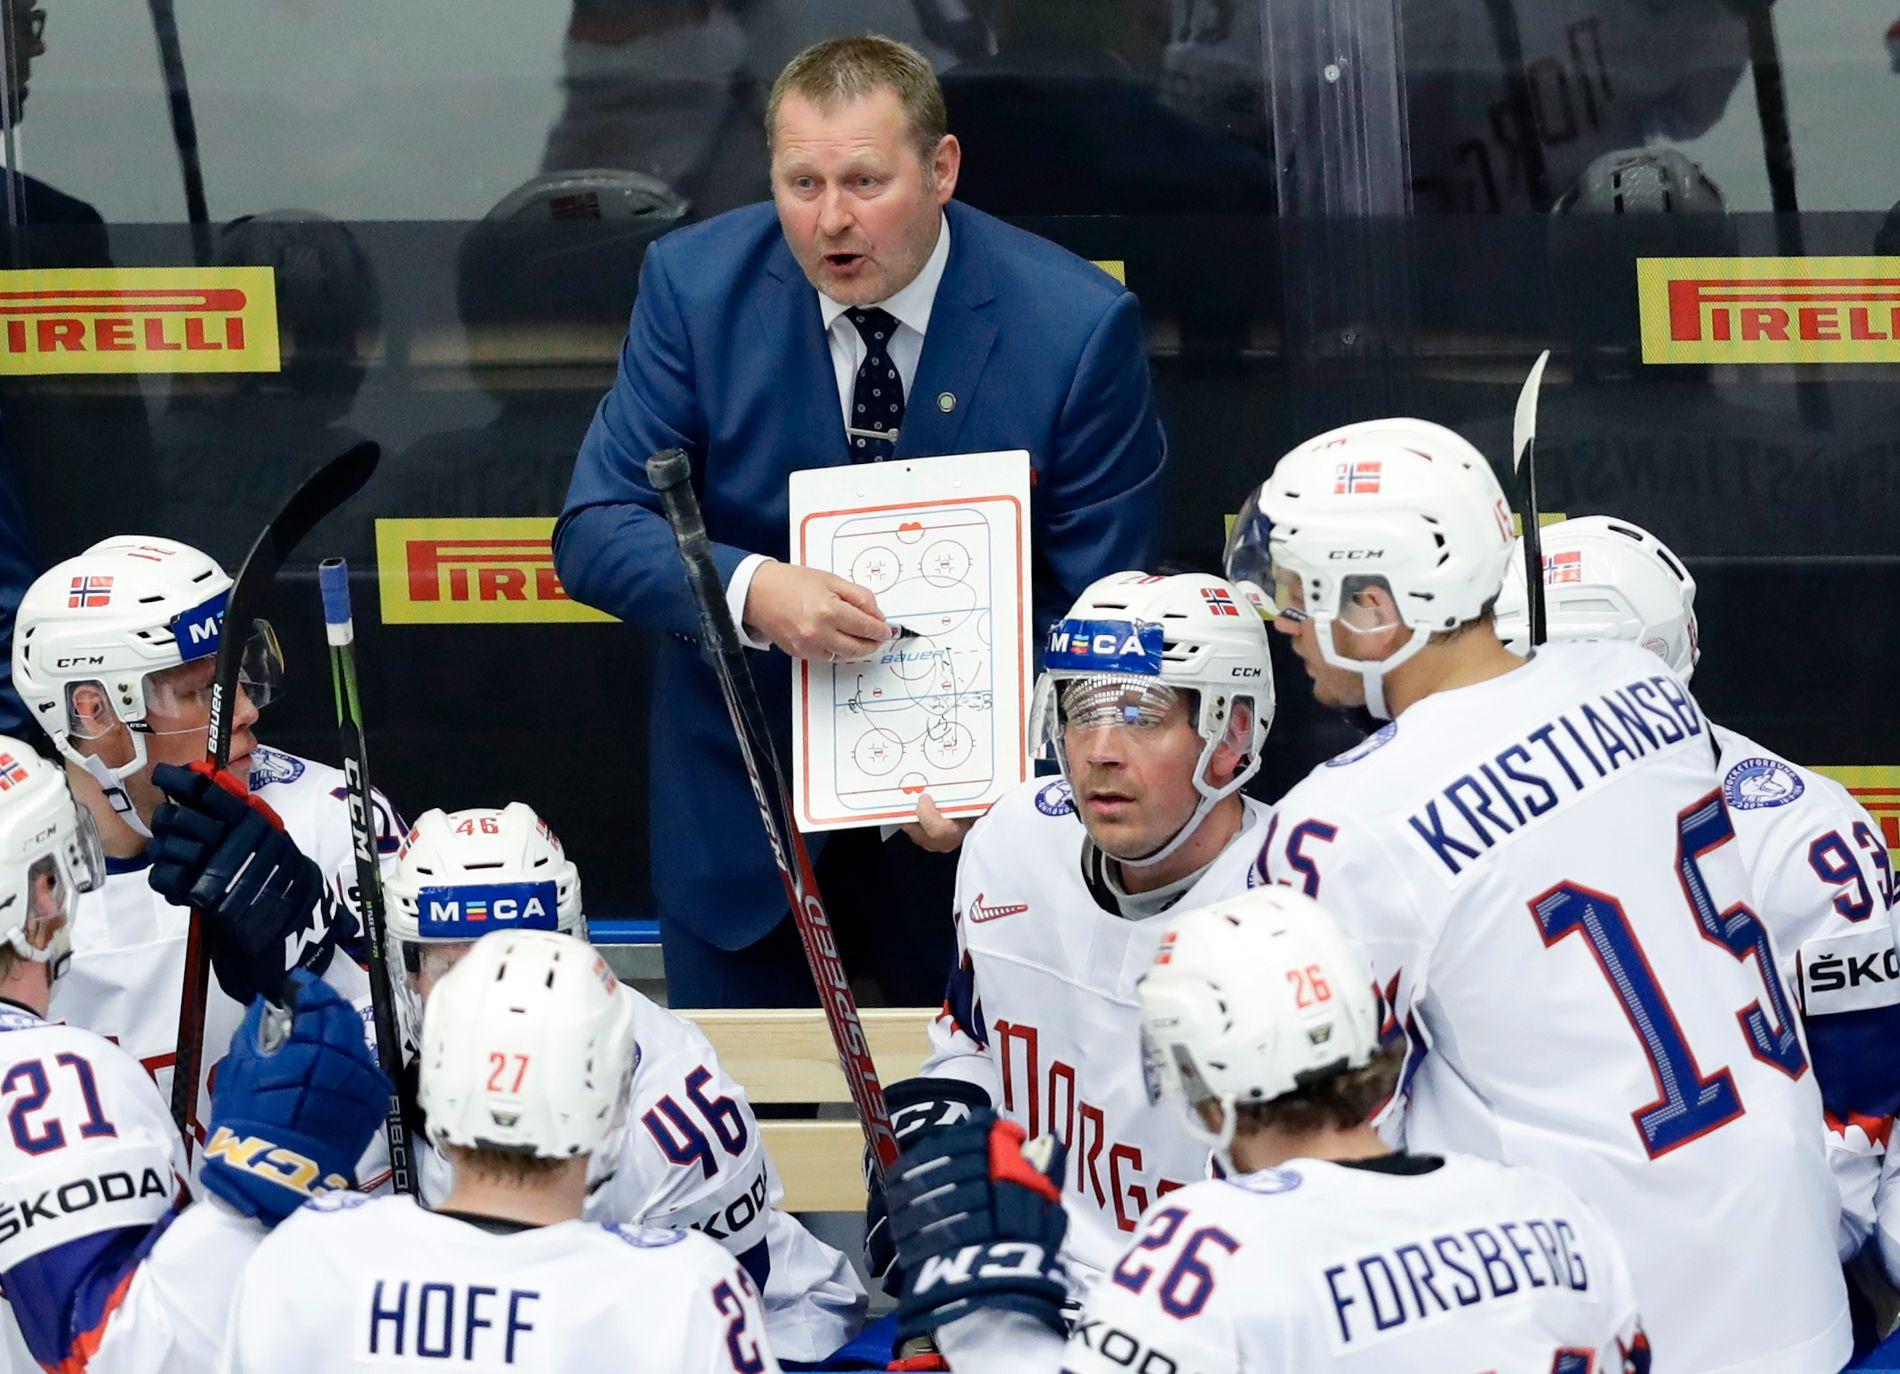 VM-NEDTURER: Etter tre poeng i de to første VM-kampene, gikk landslagssjef Petter Thoresen og Norge på de ene smellen etter den andre i mesterskapet i Danmark. Her under oppgjøret mot Finland som endte 0–7.